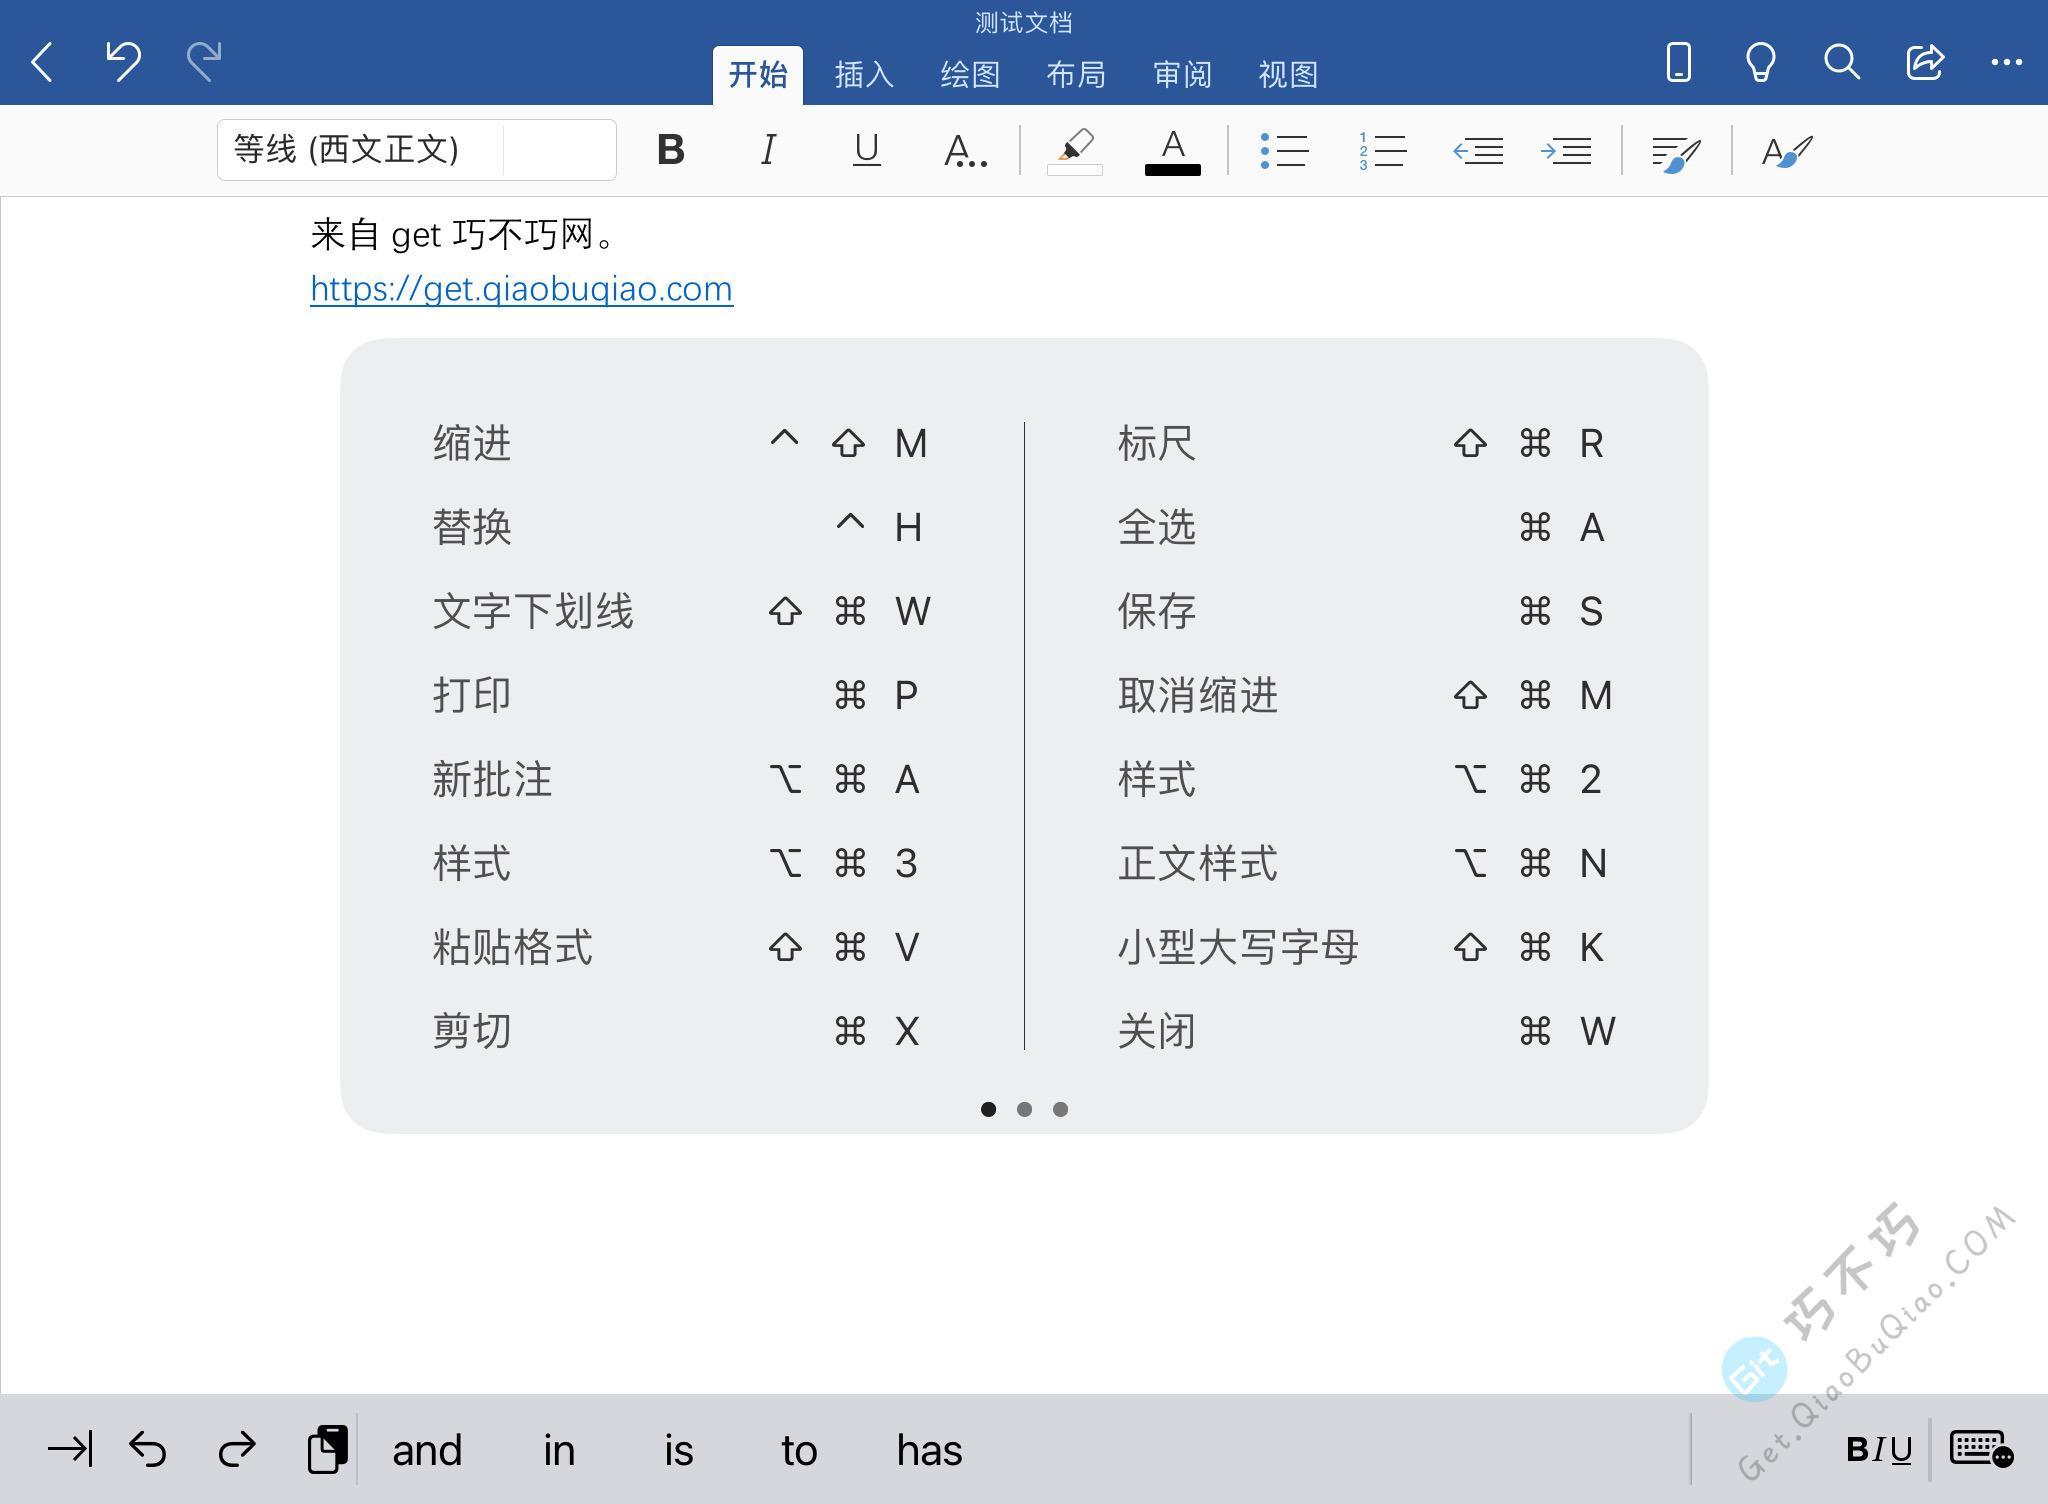 苹果Ipad平板使用硬件蓝牙键盘提高效率的通用、编辑、特定快捷键大全,含键名说明